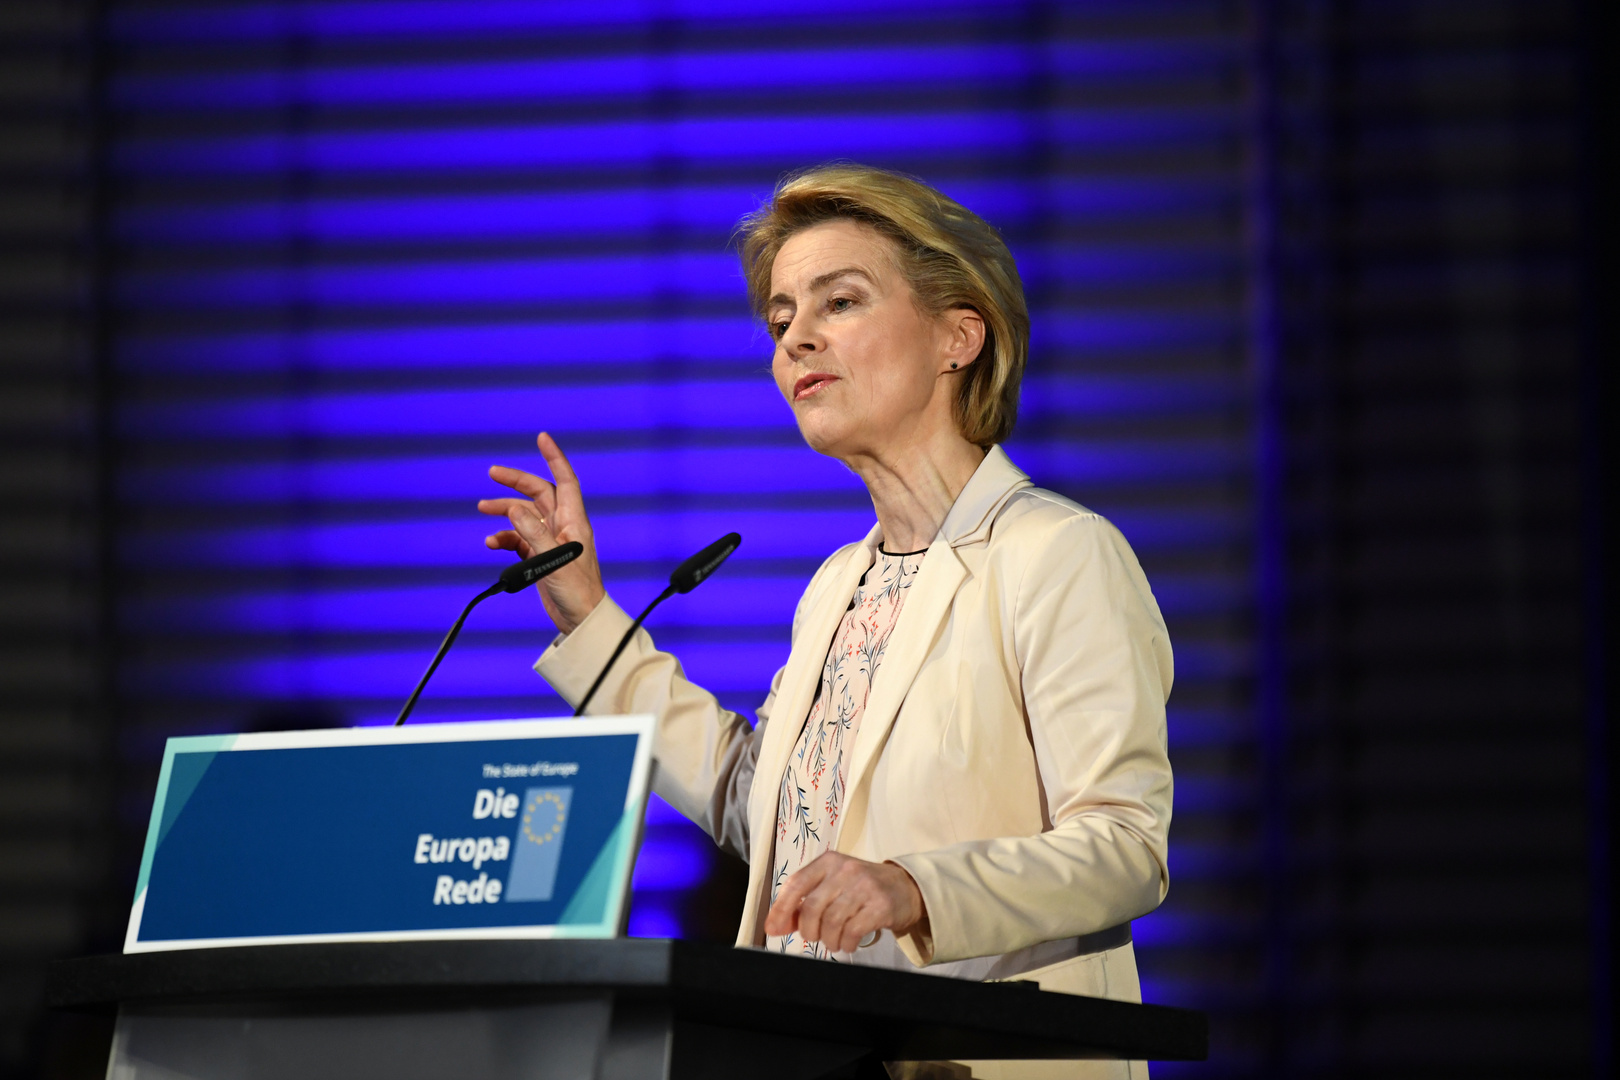 الرئيسة الجديدة للمفوضية الأوروبية: لا بد من إعادة صياغة سياسة الهجرة